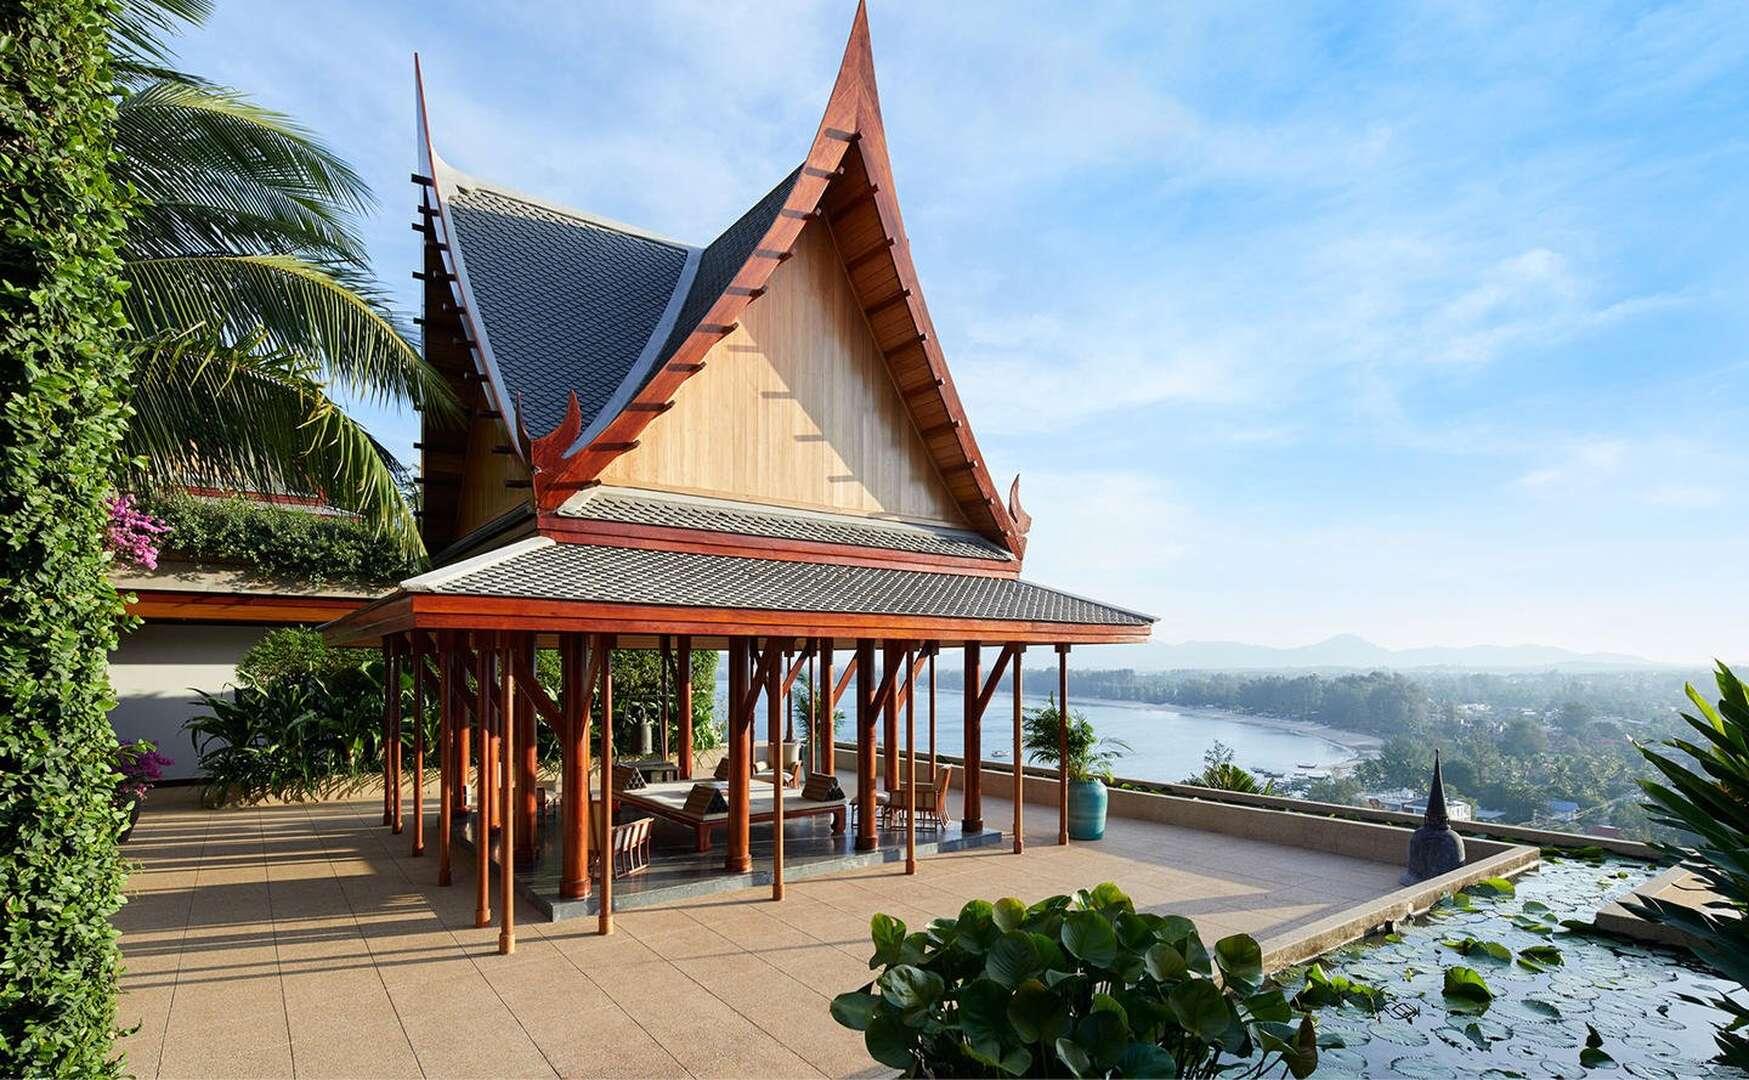 - 6 BDM Ocean Villa - Image 1/18